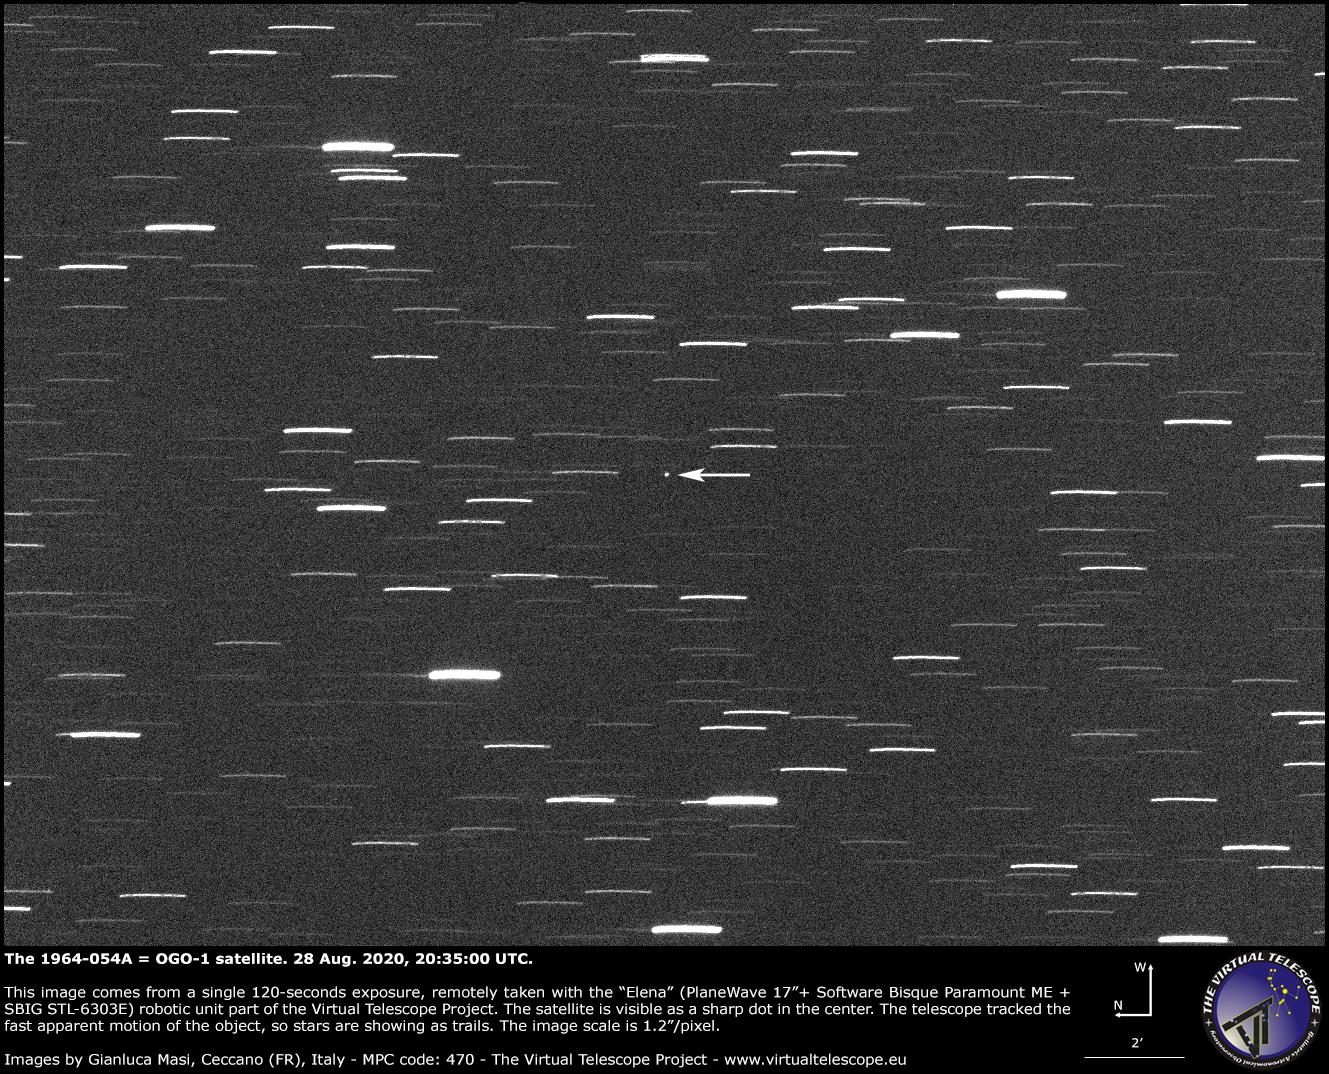 The 1964-054A = OGO-1 satellite. 28 Aug. 2020.